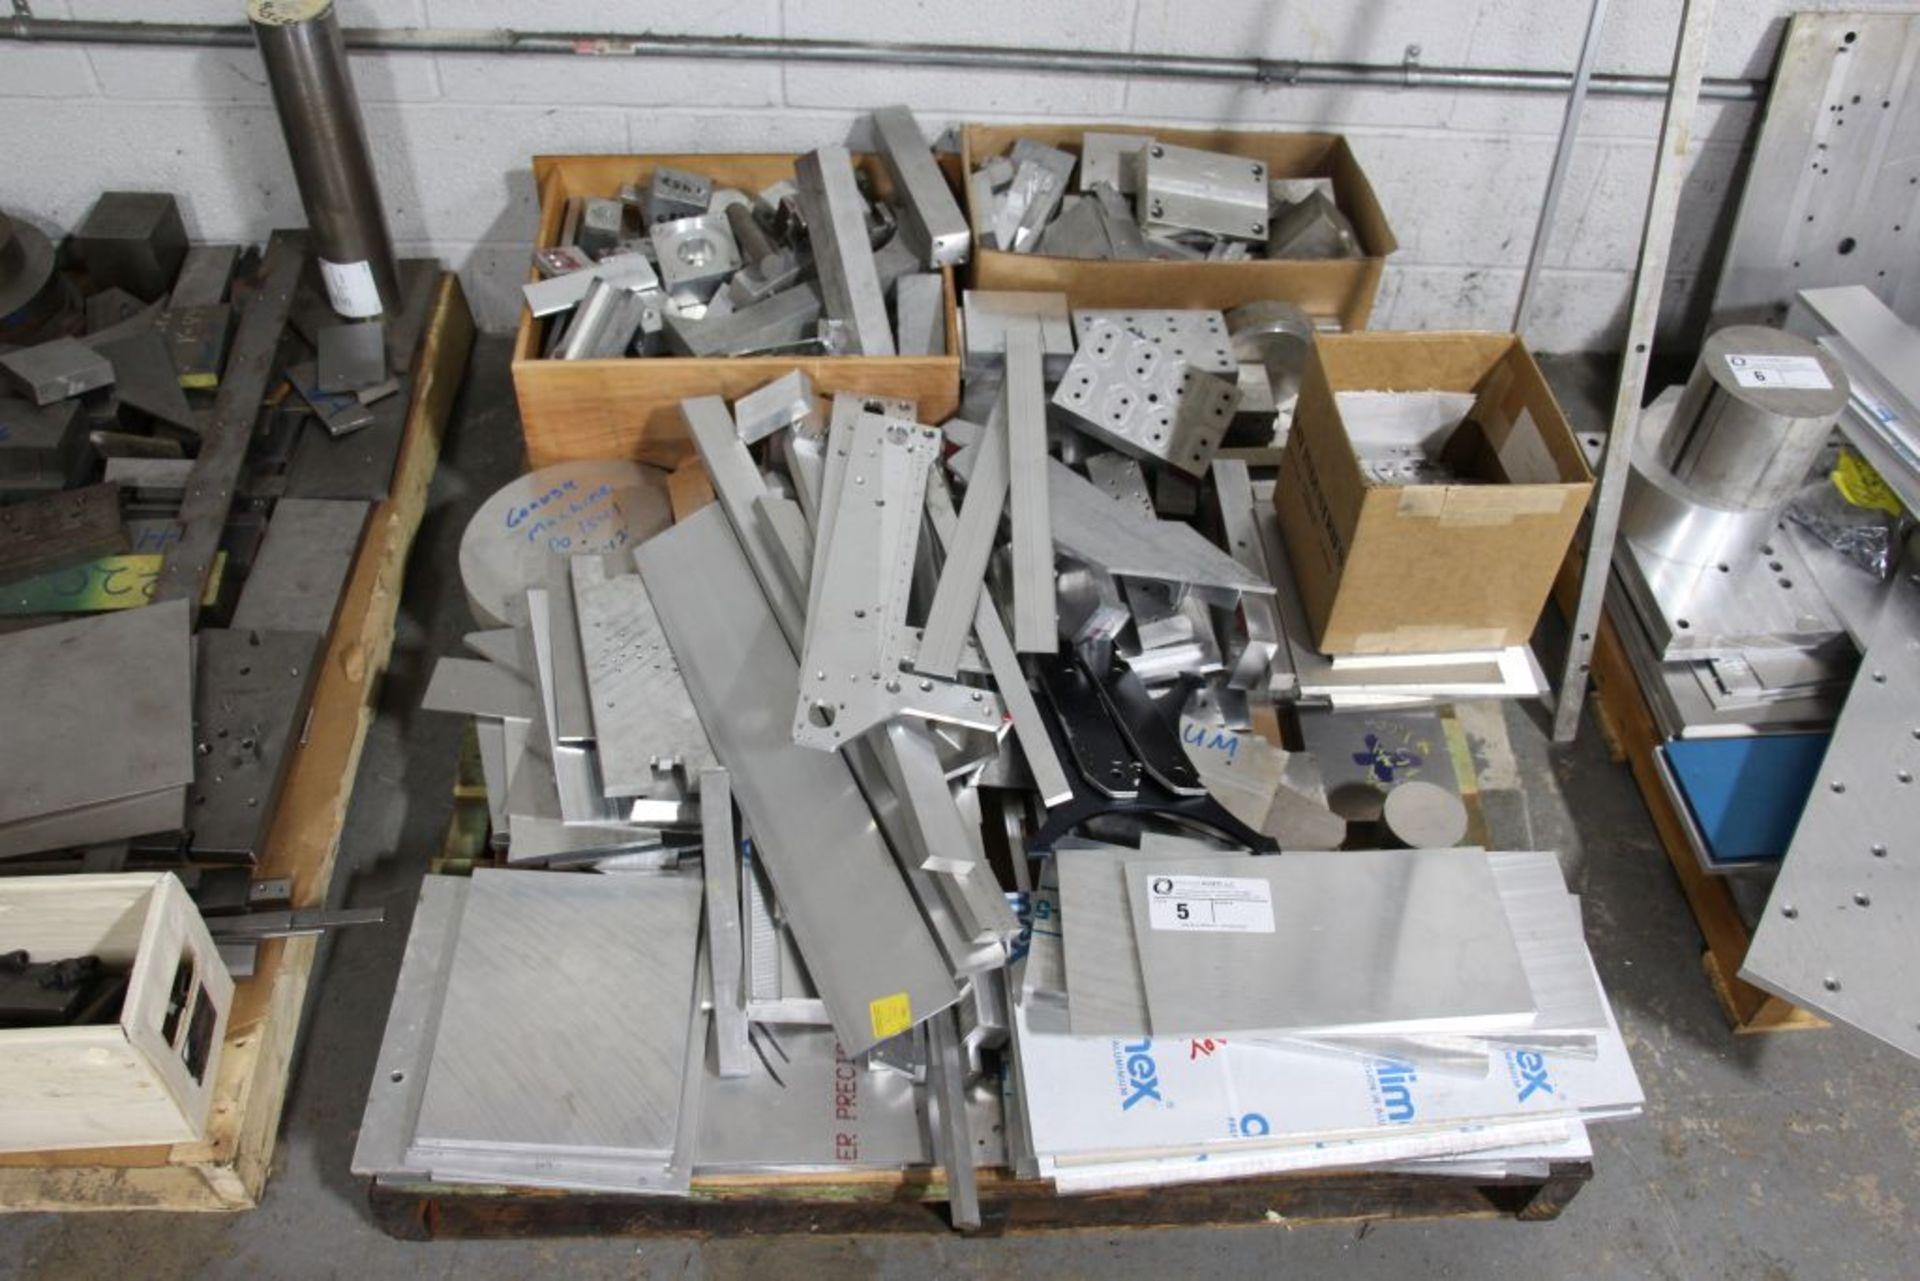 Lot 5 - assortment of scrap metal